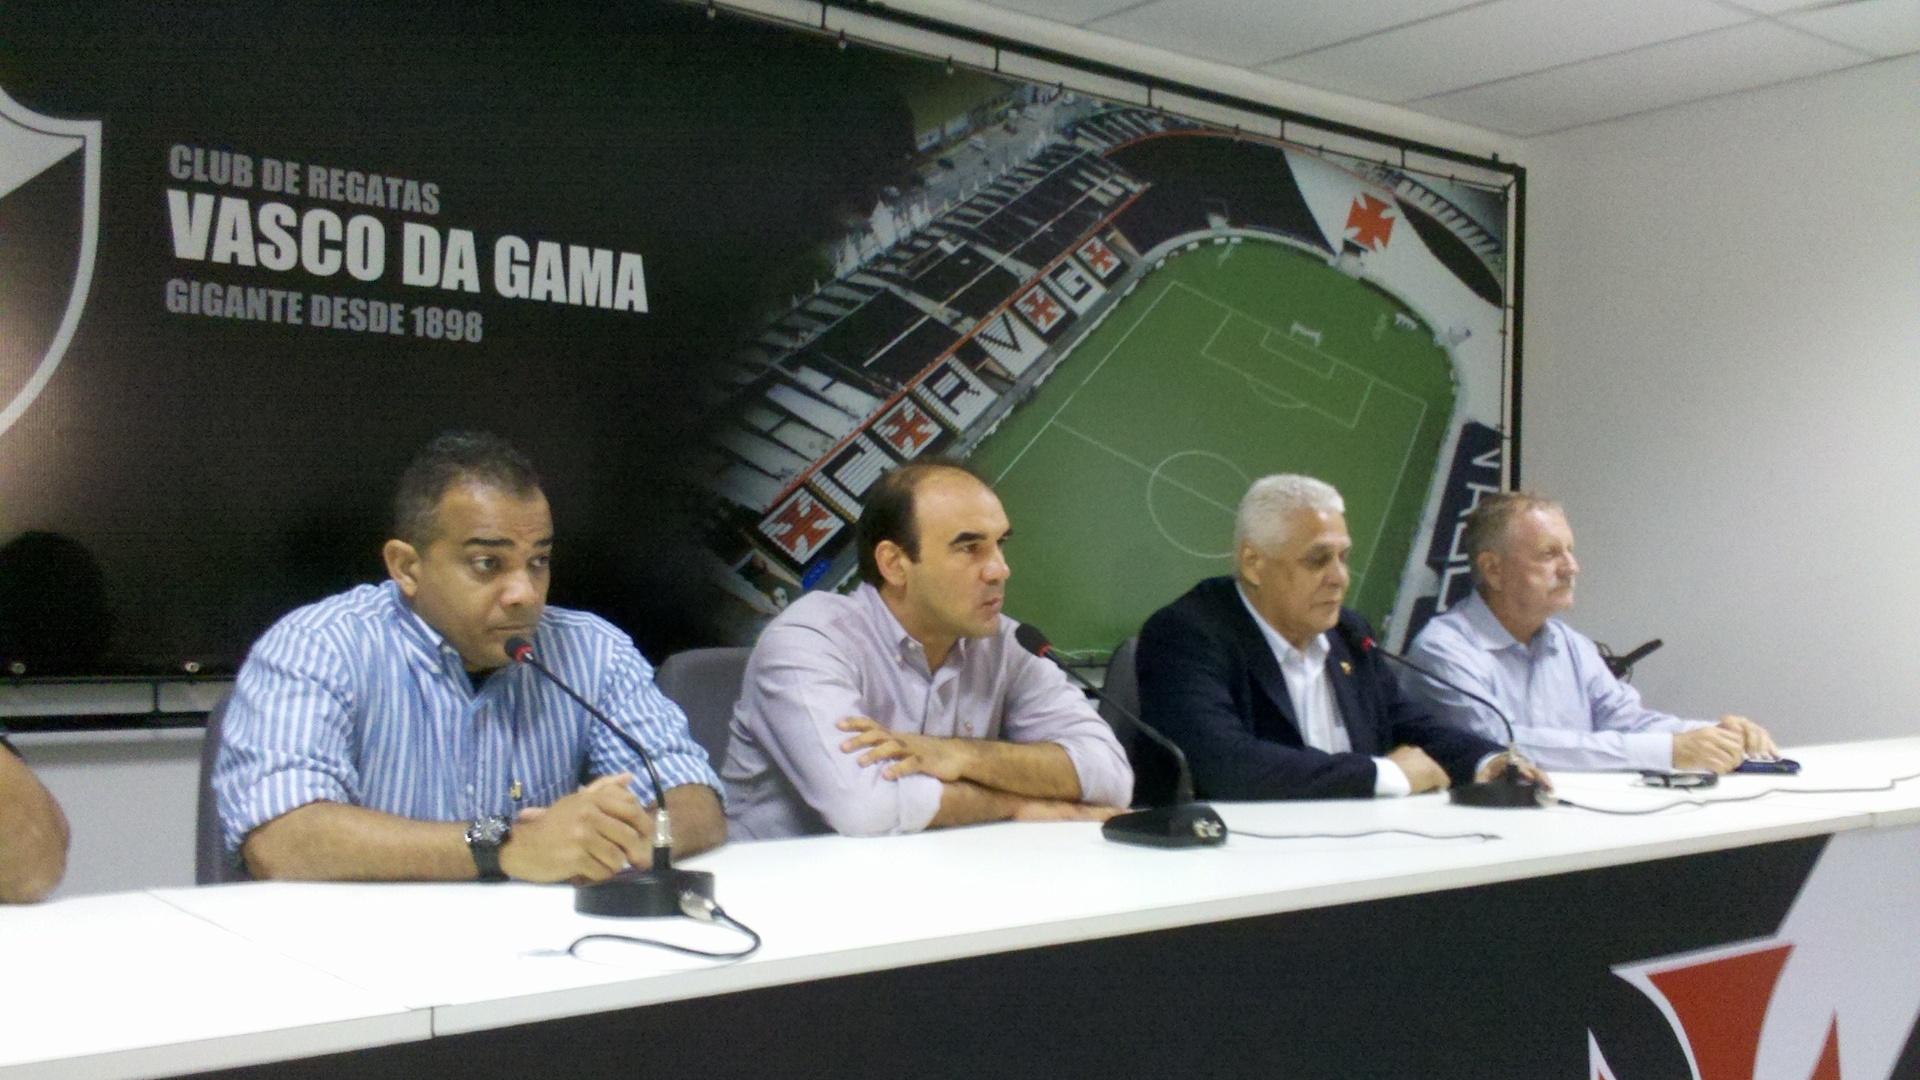 Ao lado do presidente Roberto Dinamite, Ricardo Gomes é apresentado como diretor técnico do Vasco